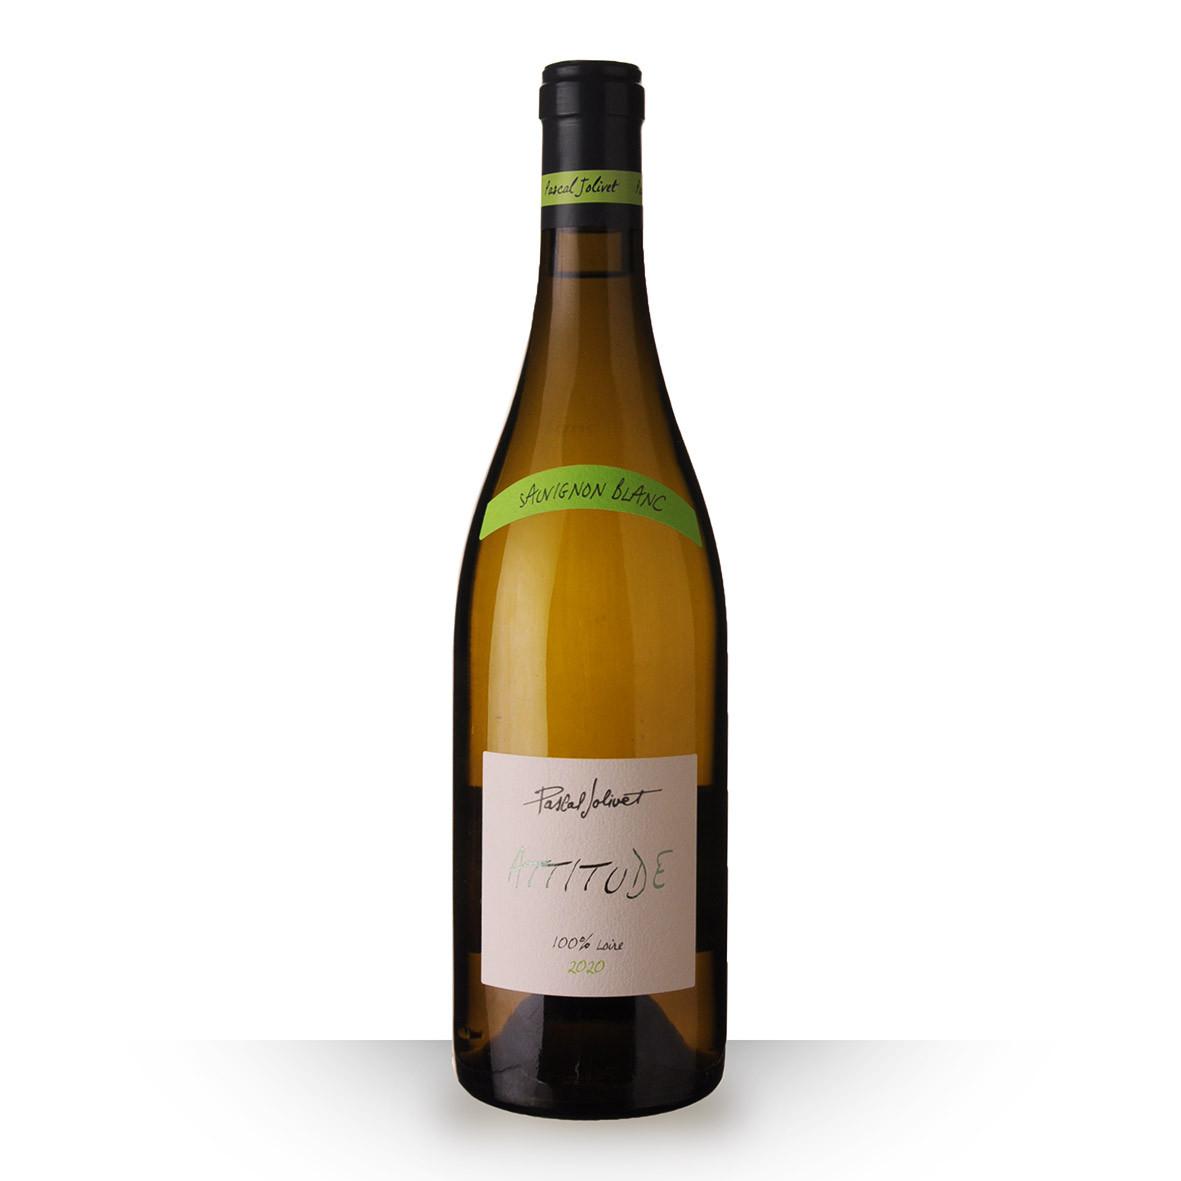 Pascal Jolivet Attitude Val de Loire Sauvignon Blanc 2020 75cl www.odyssee-vins.com